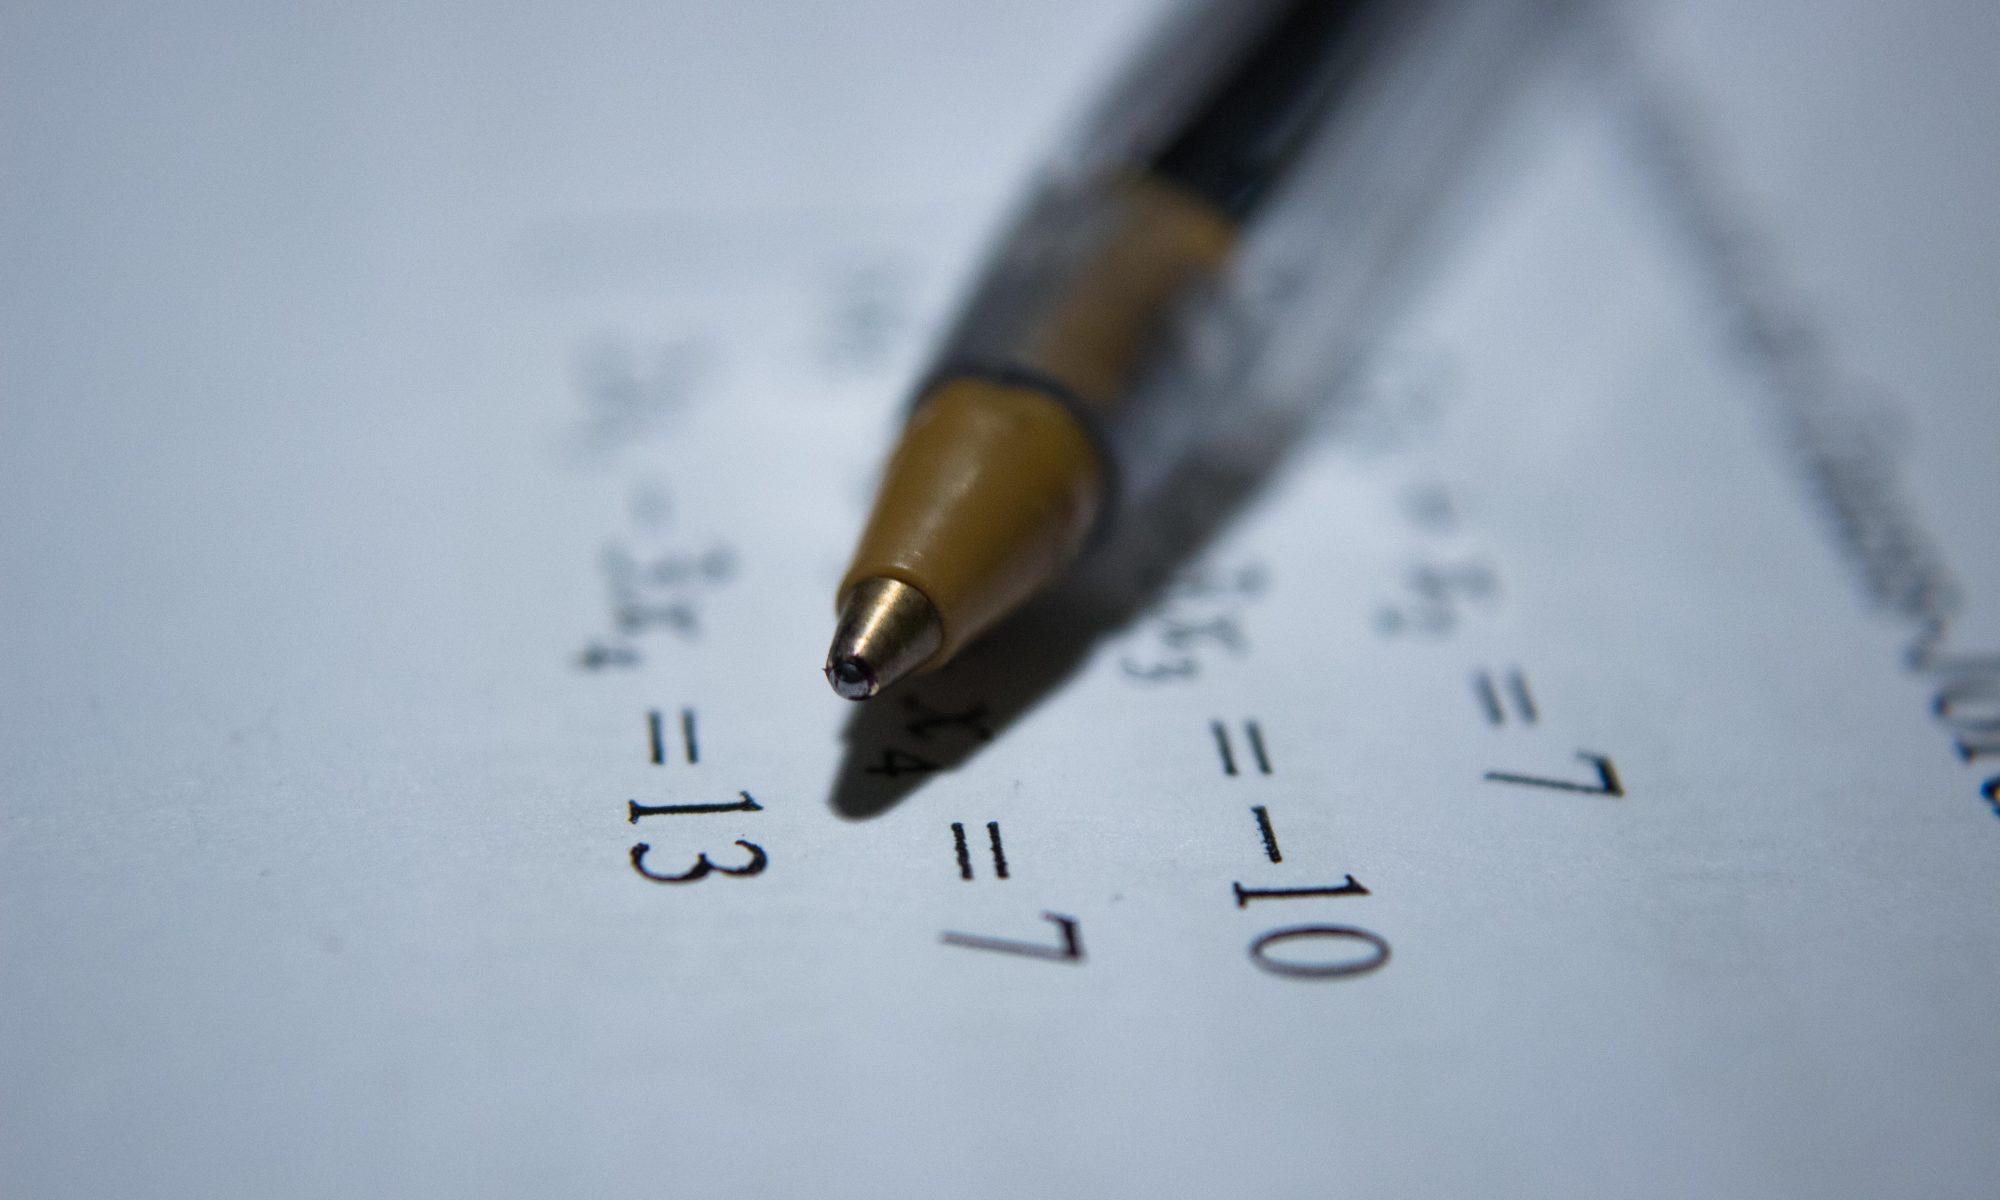 Caneta sobre papel com os cálculos da aposentadoria 86/96 ao fundo